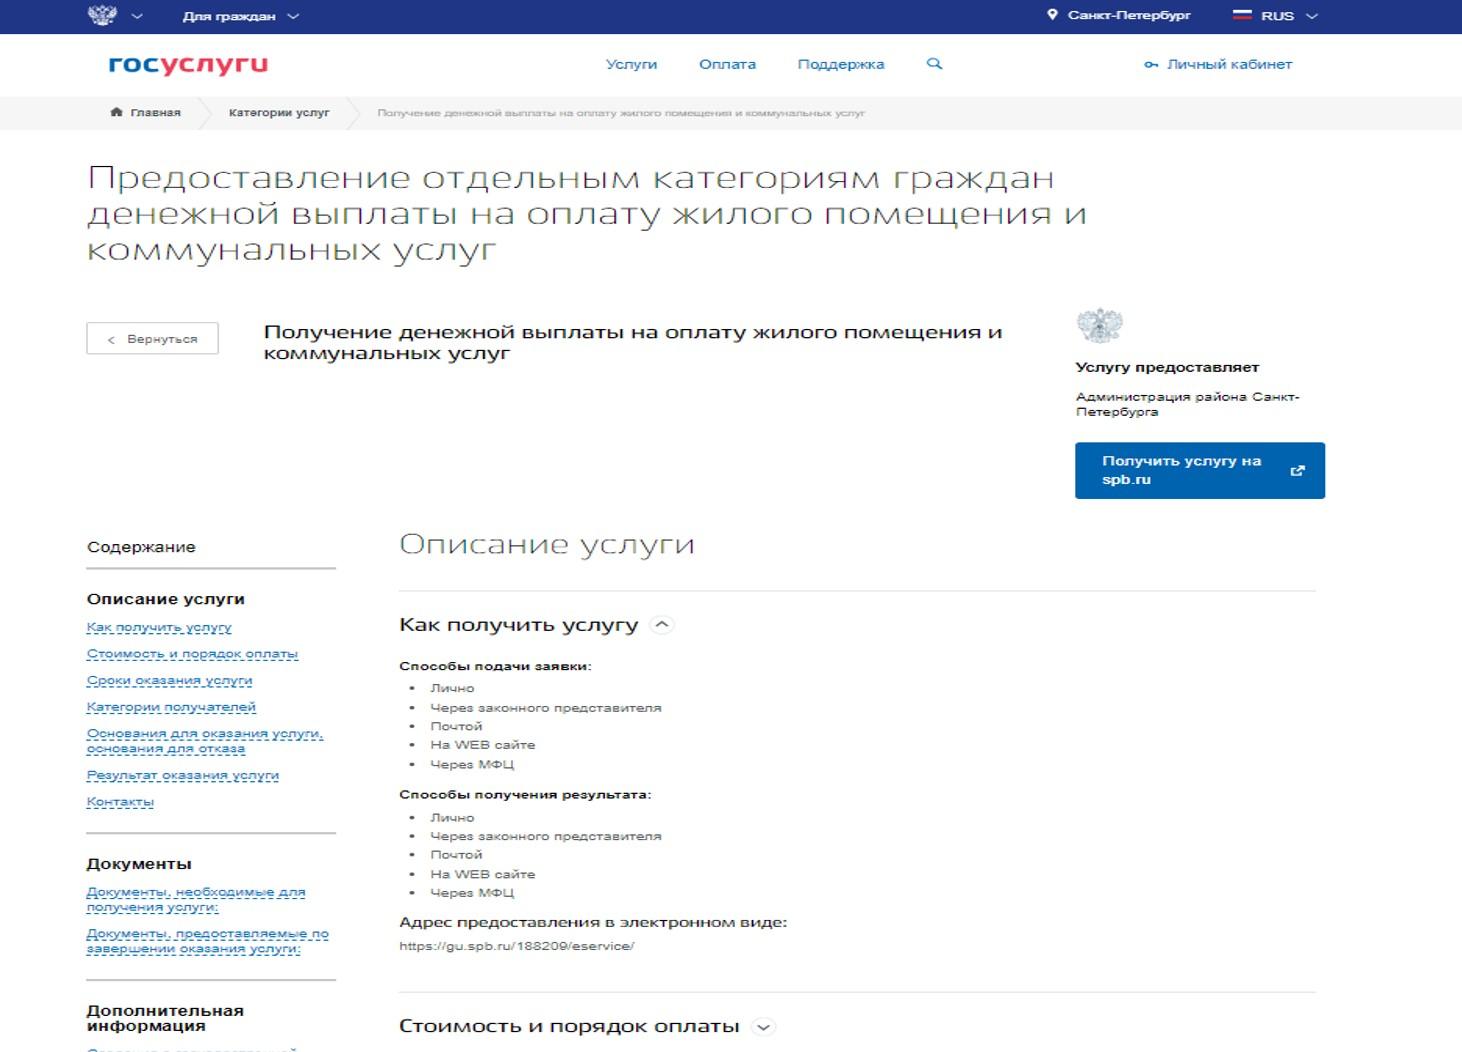 какие льготы полагаются 1 http://grosh-blog.ru